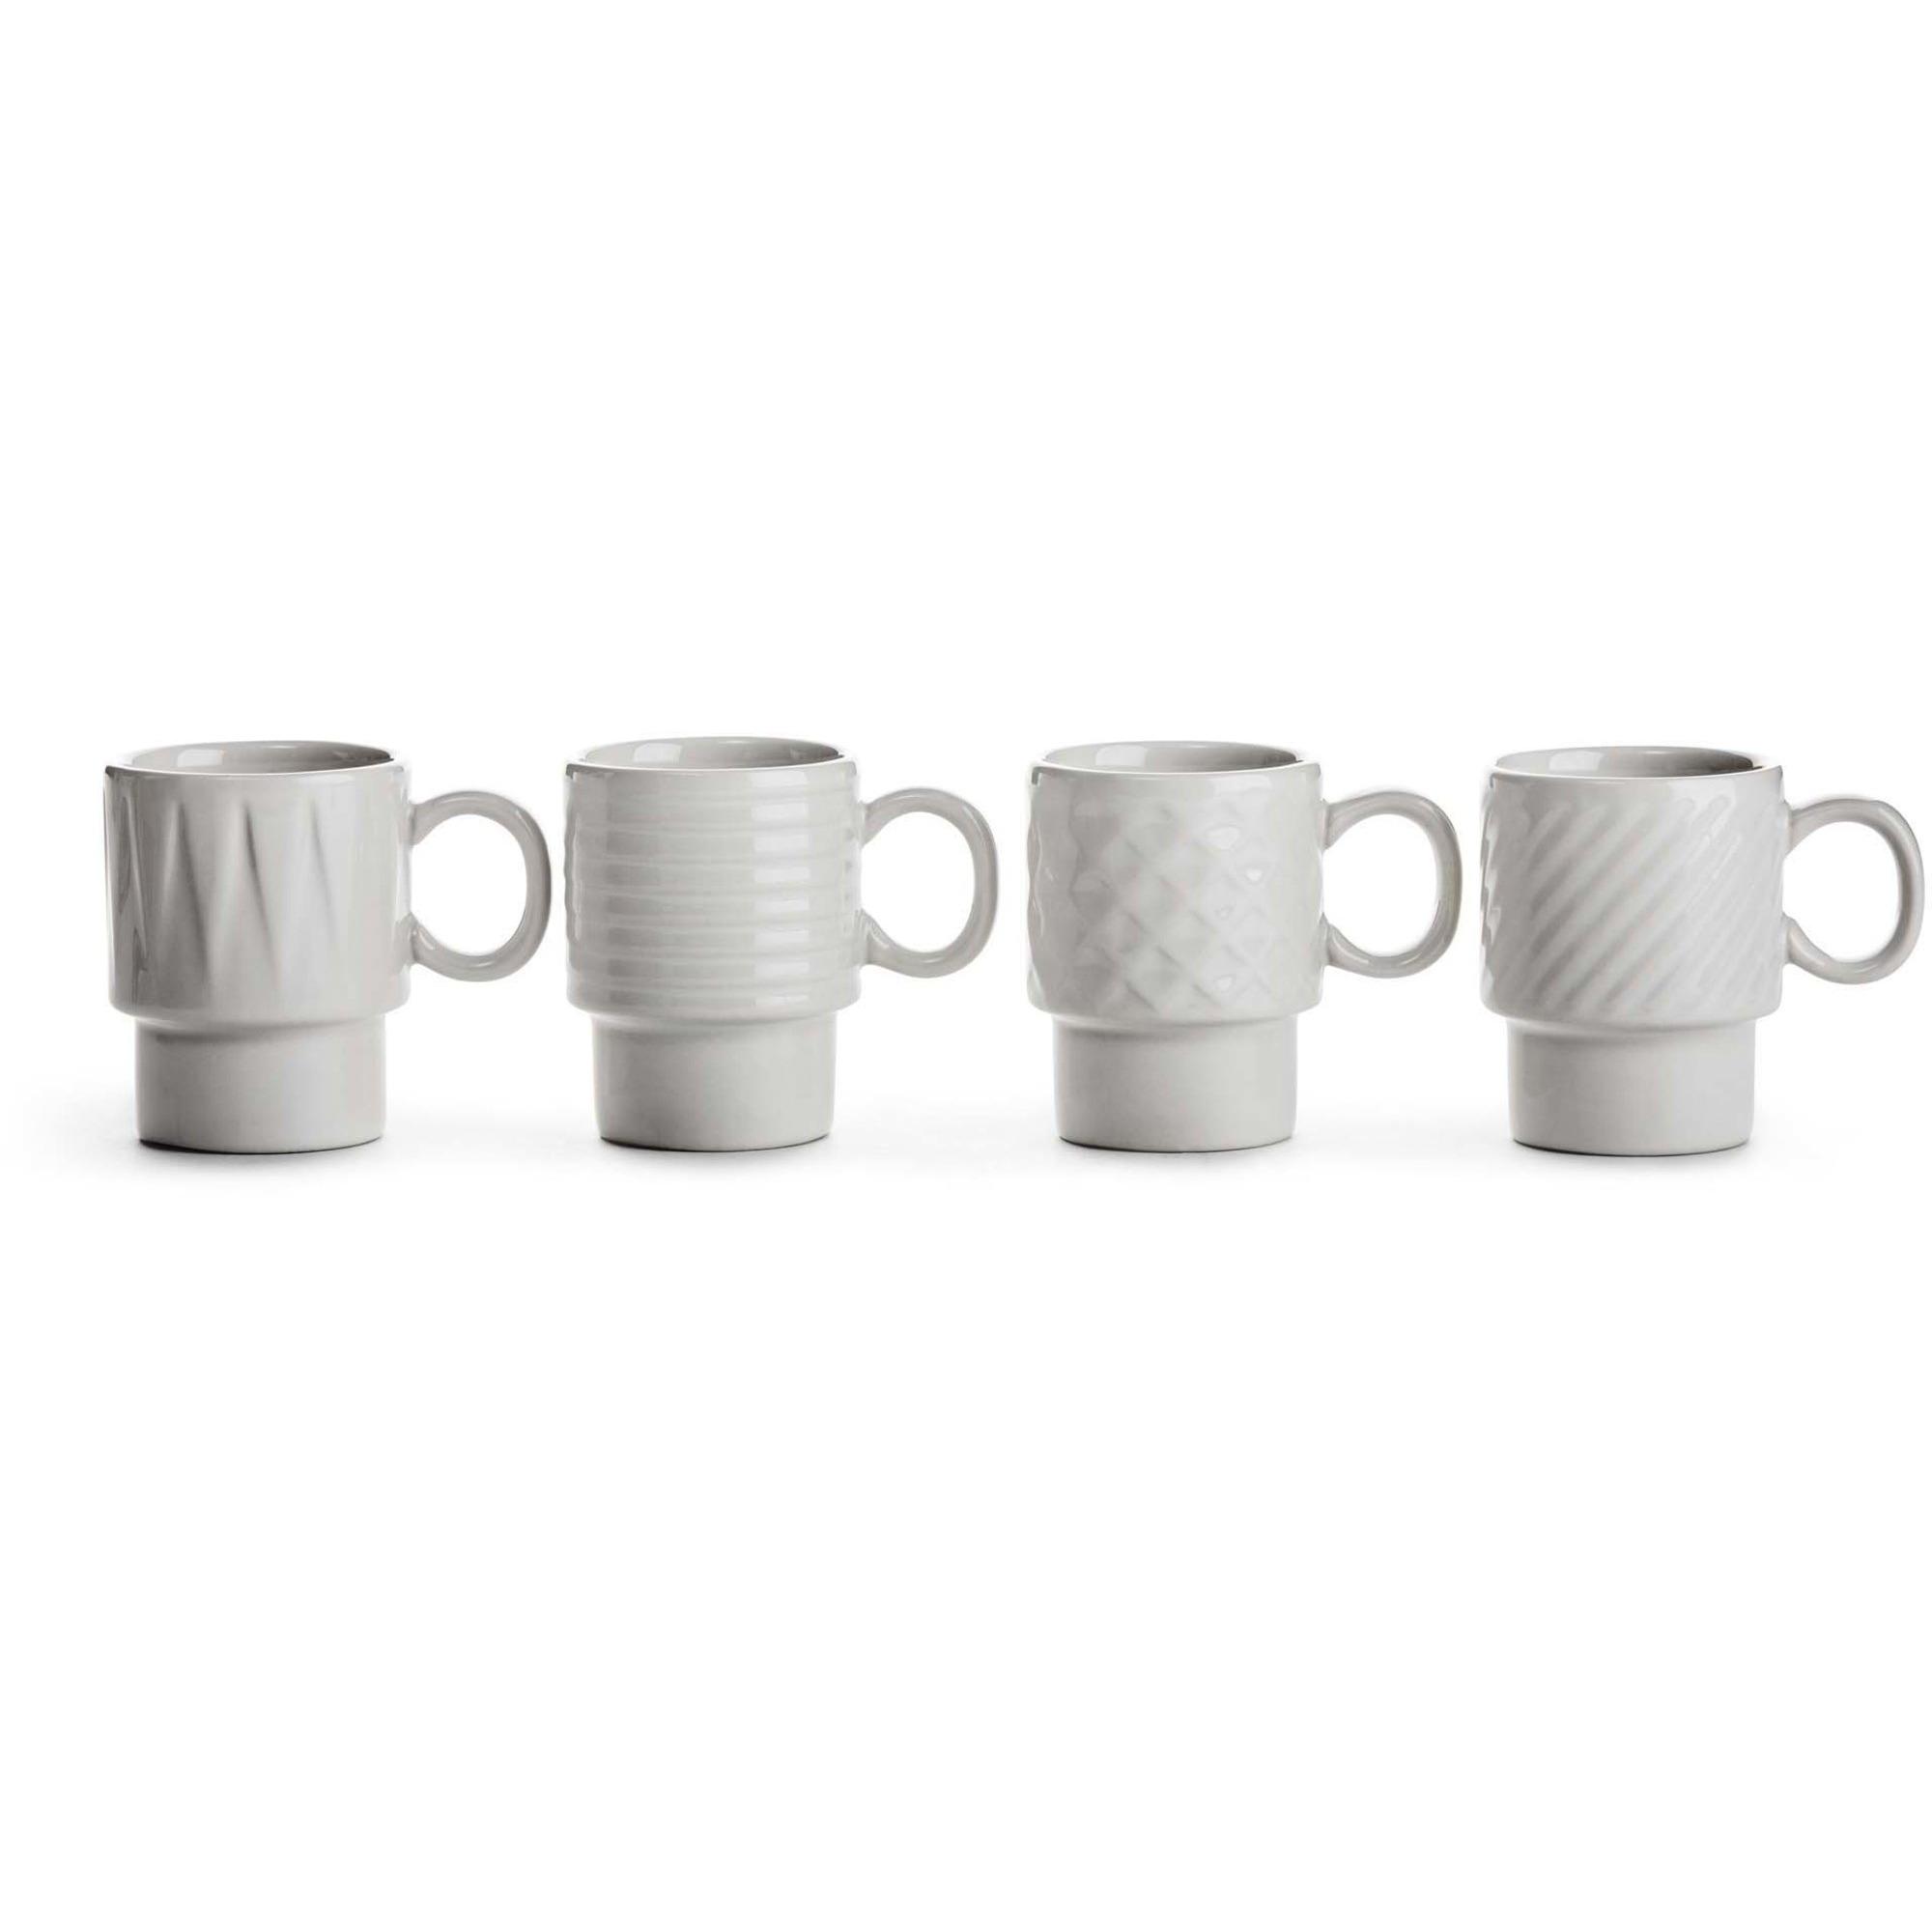 Sagaform Coffee & More espressomugg vit 4-pack